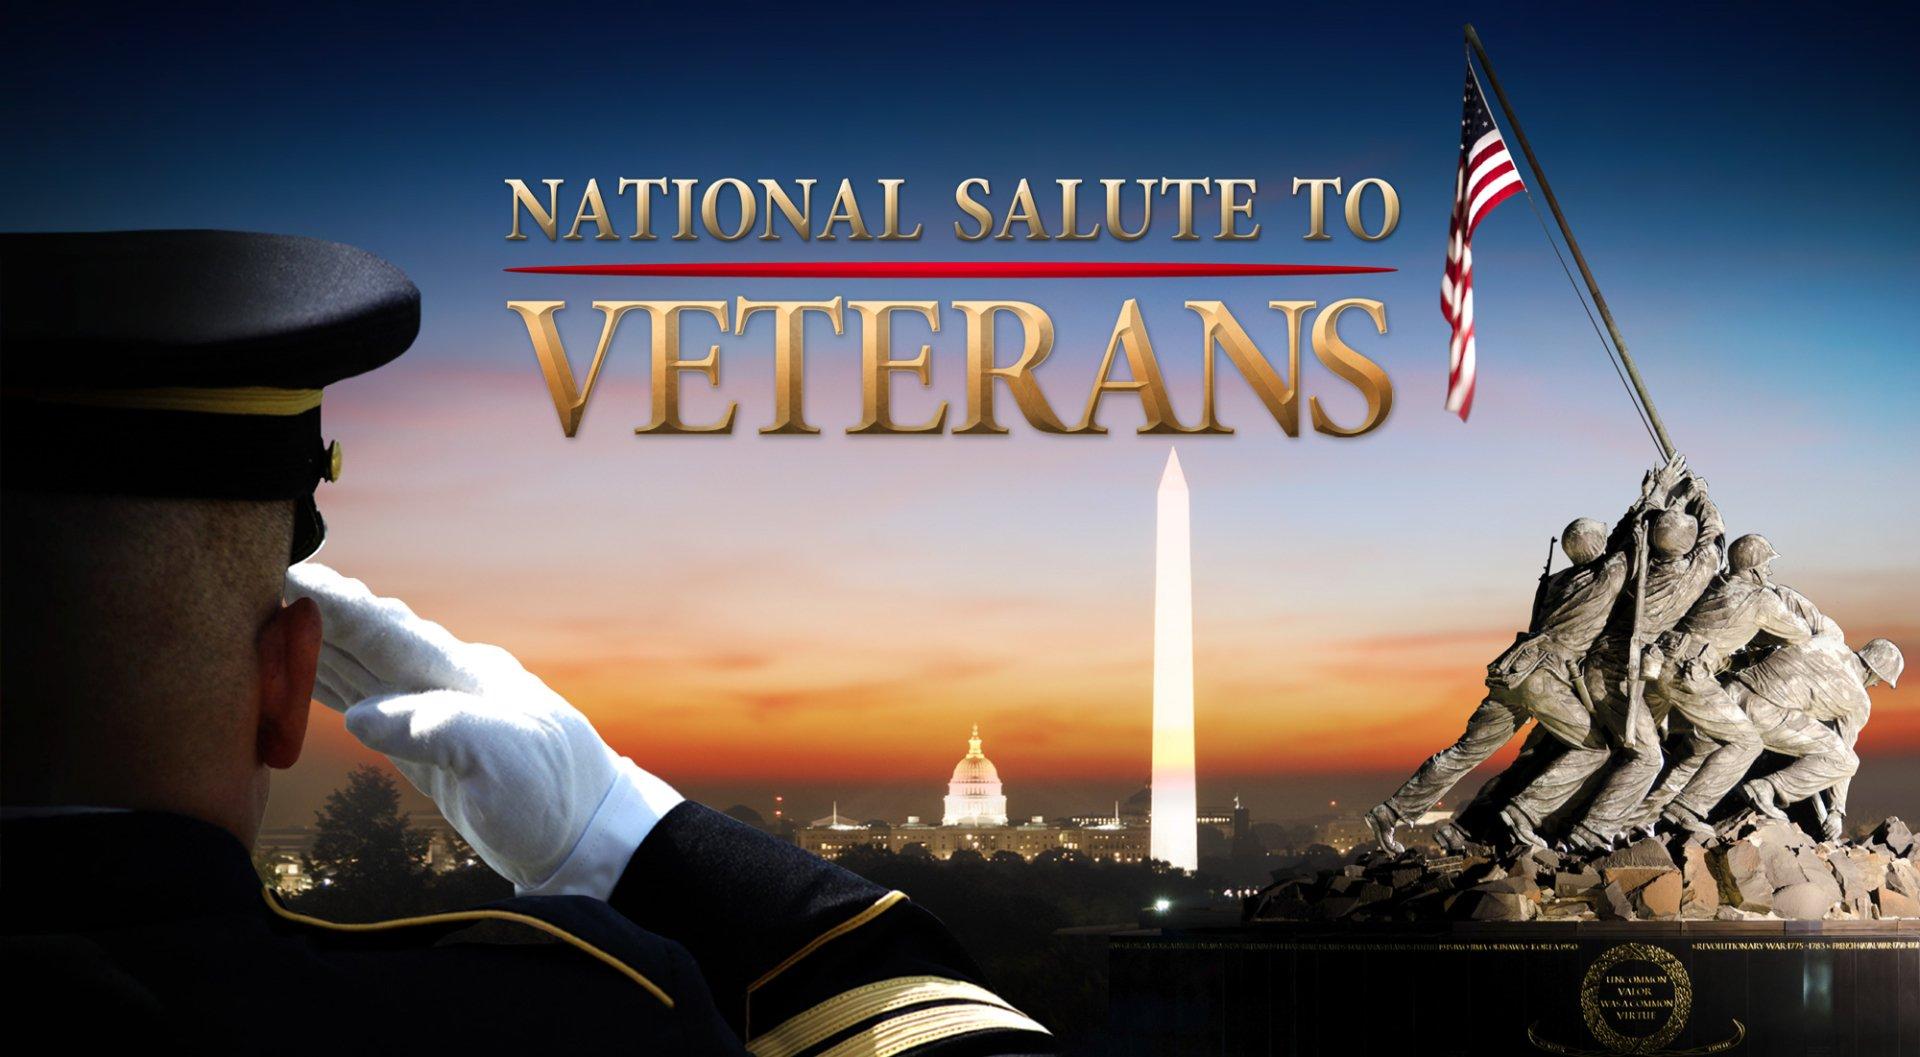 Holiday - Veterans Day  Wallpaper